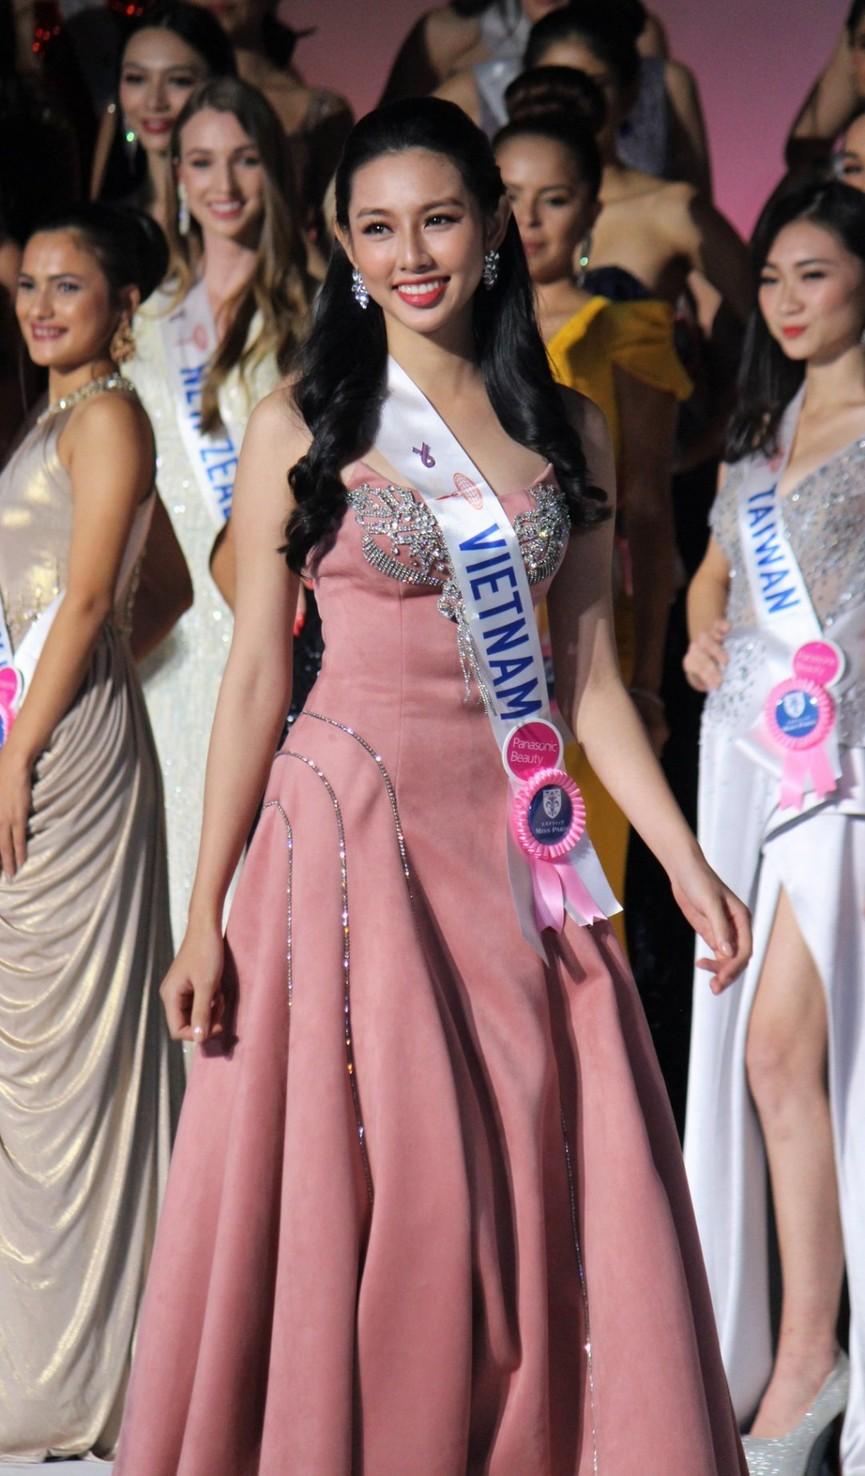 Đọ nhan sắc ba người đẹp từng giành giải 'Người đẹp Nhân ái' tại Hoa hậu Việt Nam - ảnh 9